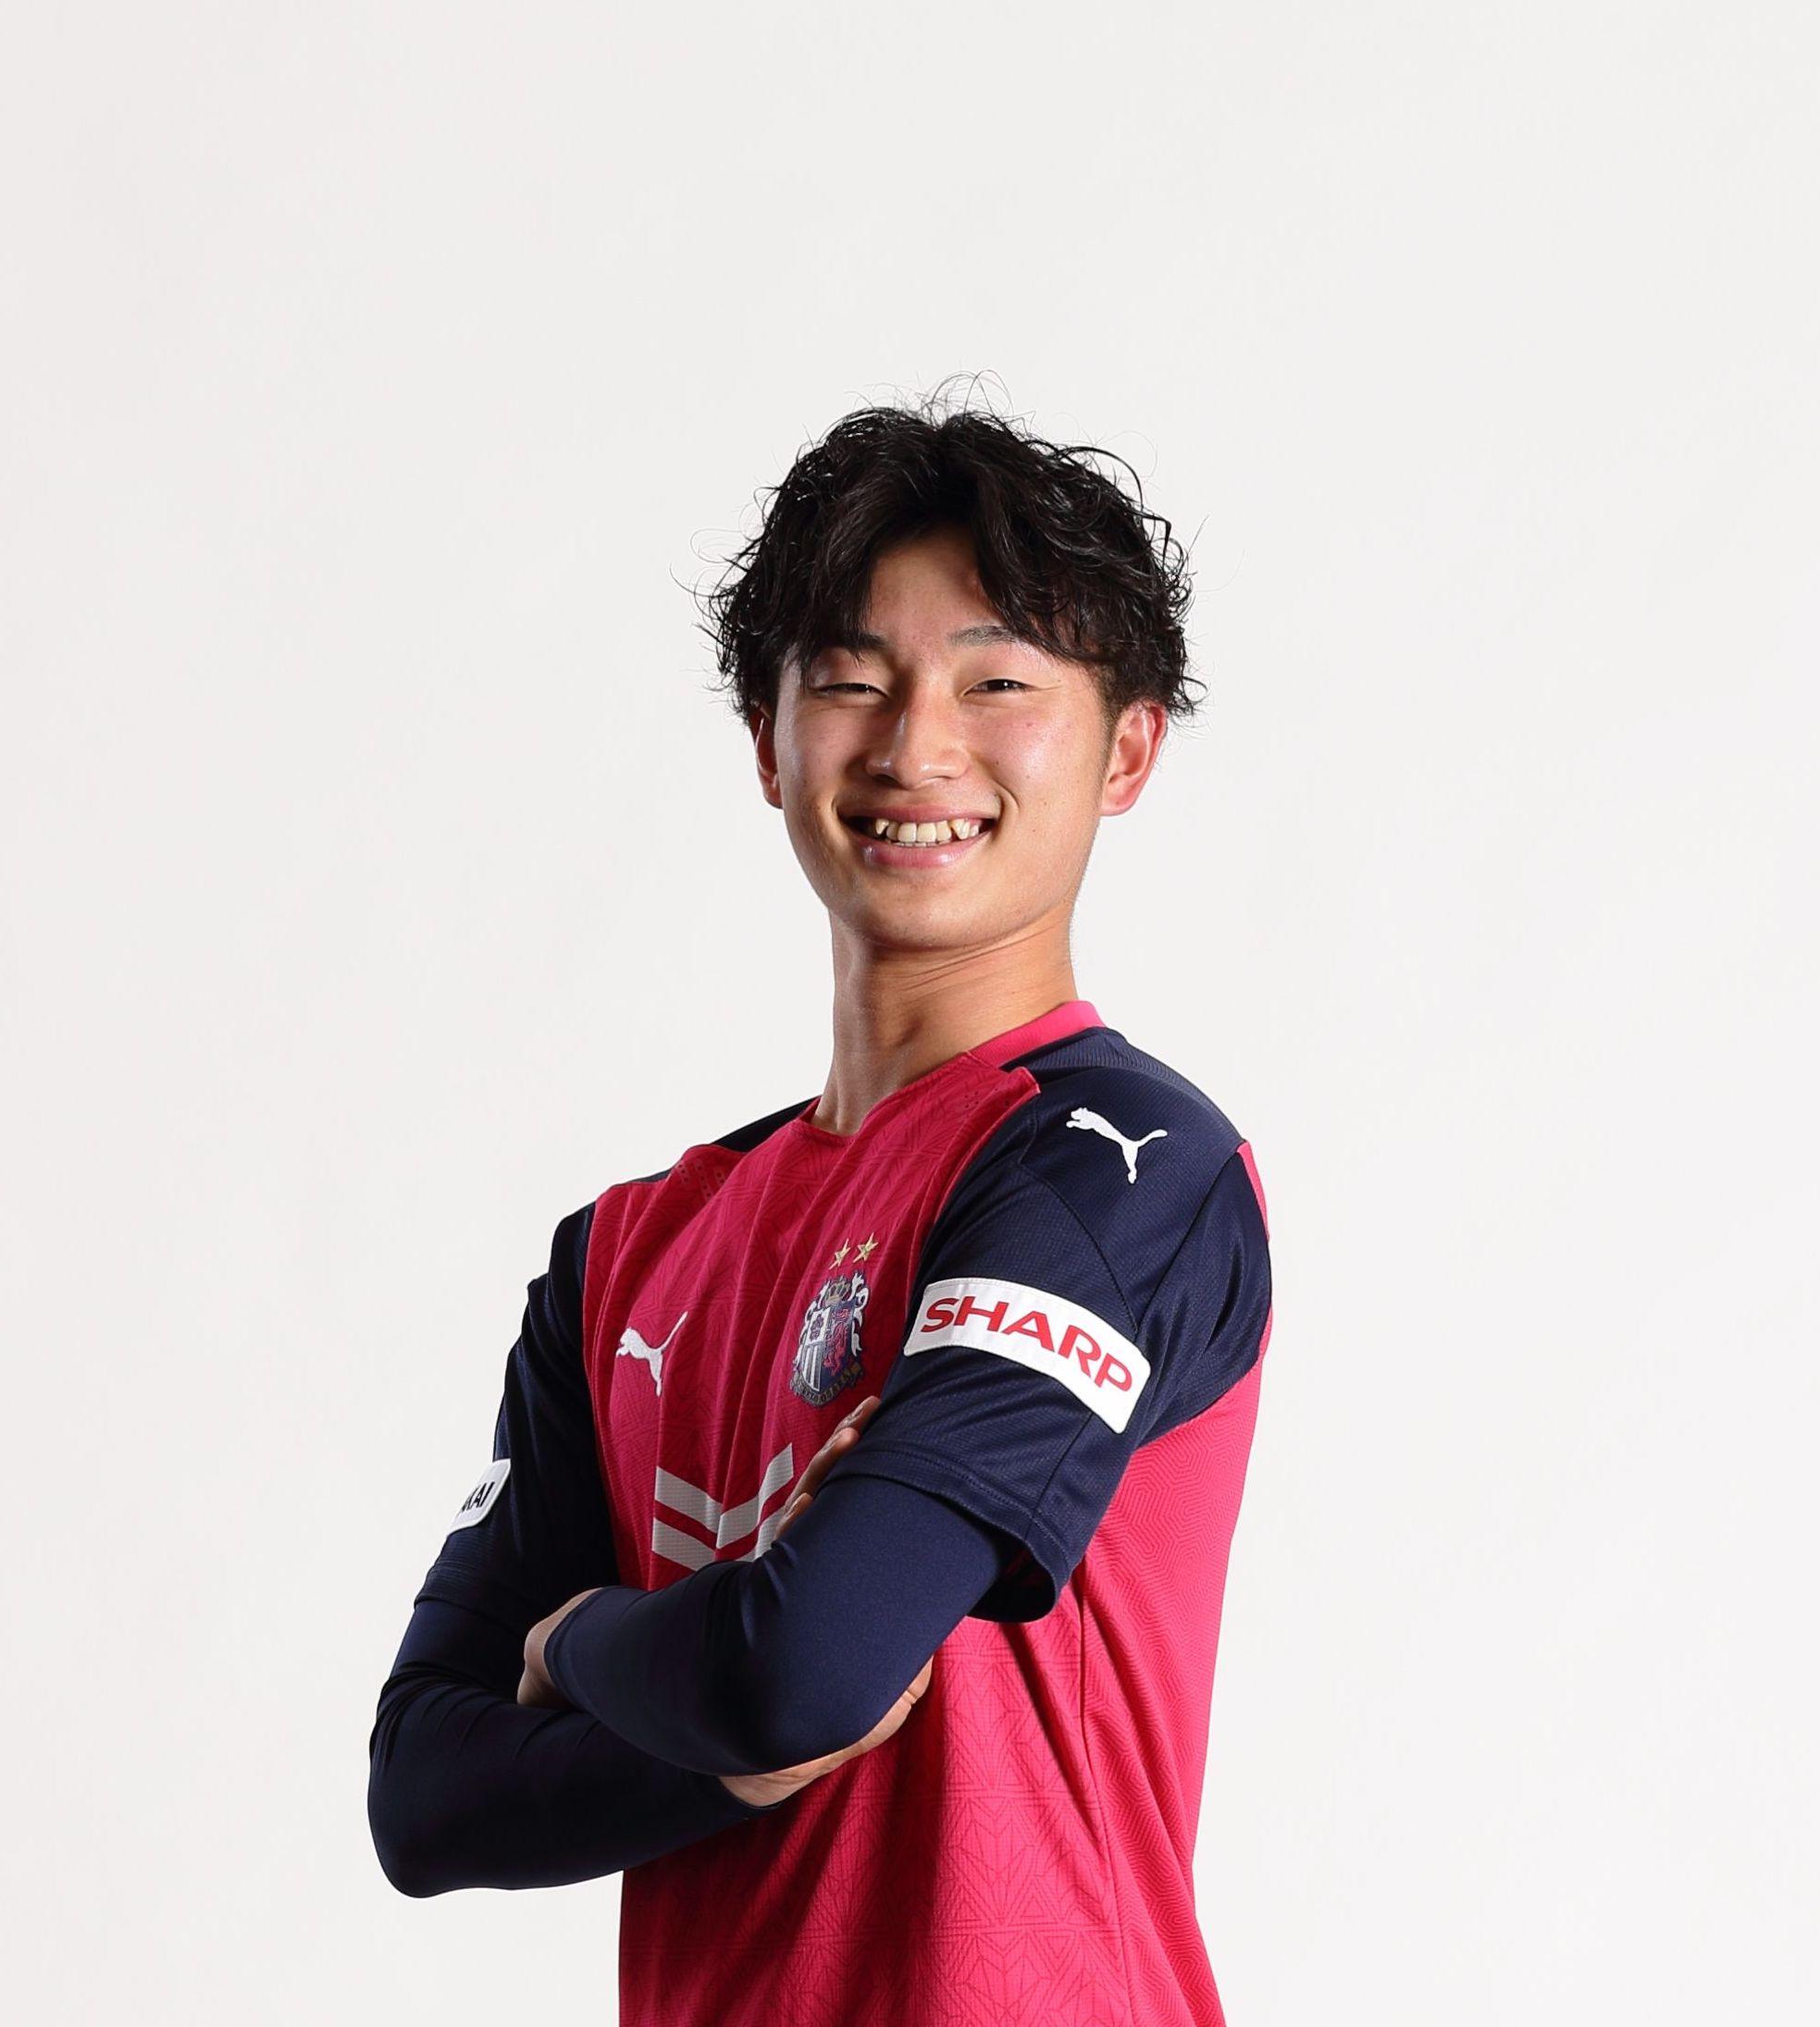 【本人直筆サイン入り公式】セレッソ大阪2020限定ユニフォーム 42 藤尾翔太 選手